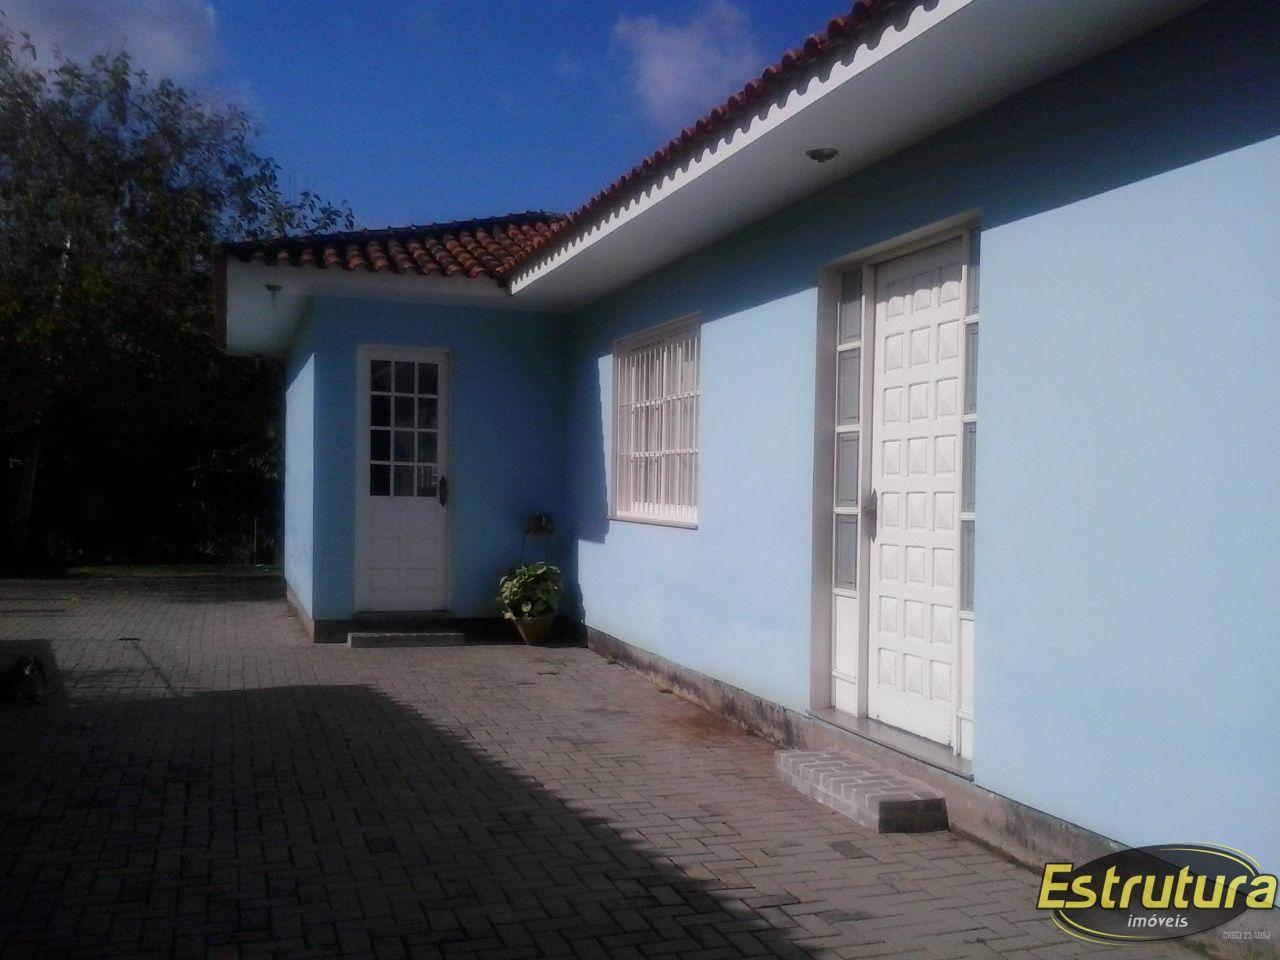 Casa com 4 Dormitórios à venda, 114 m² por R$ 468.000,00